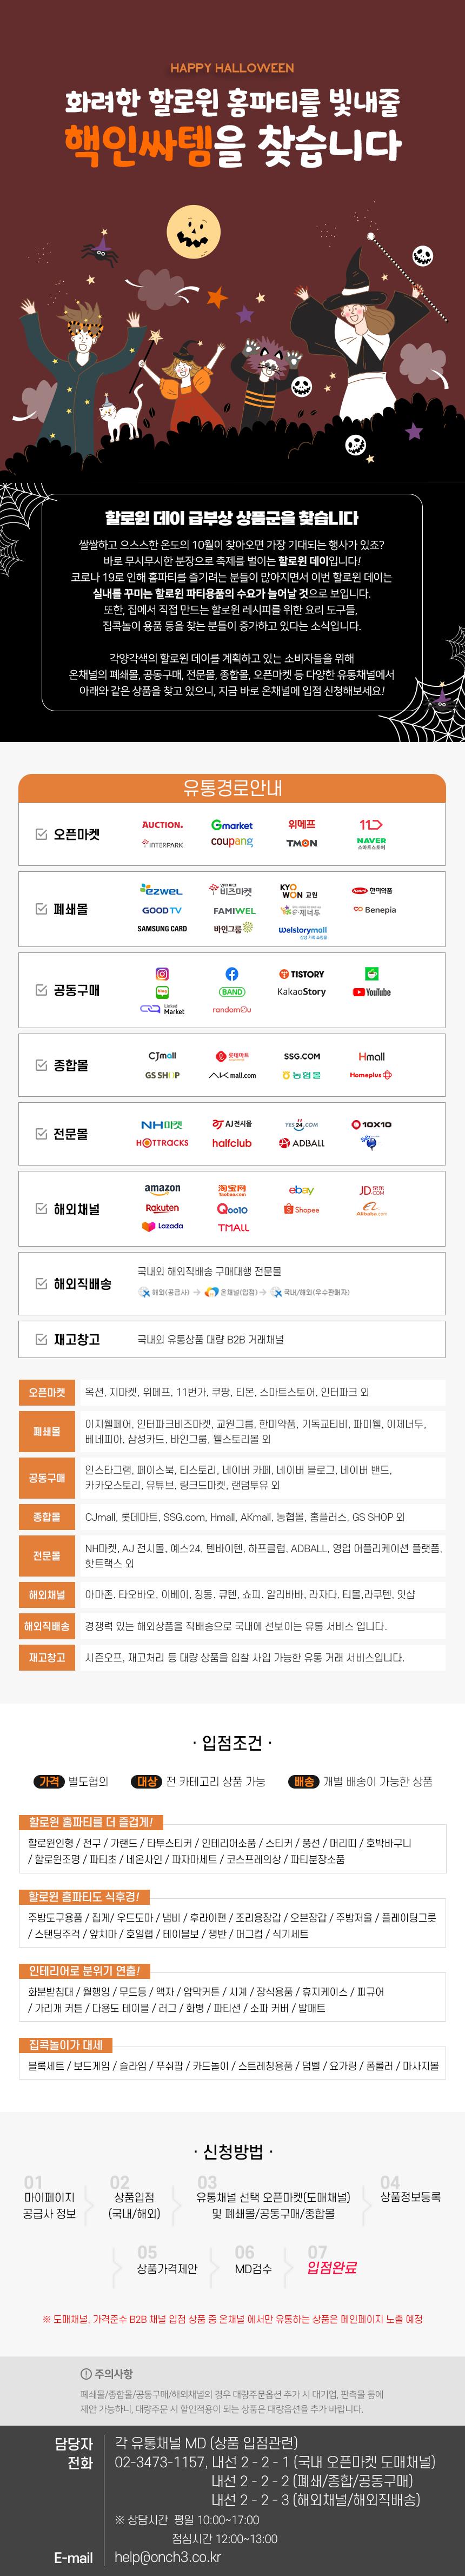 210924_10월_상품모집_최종.png